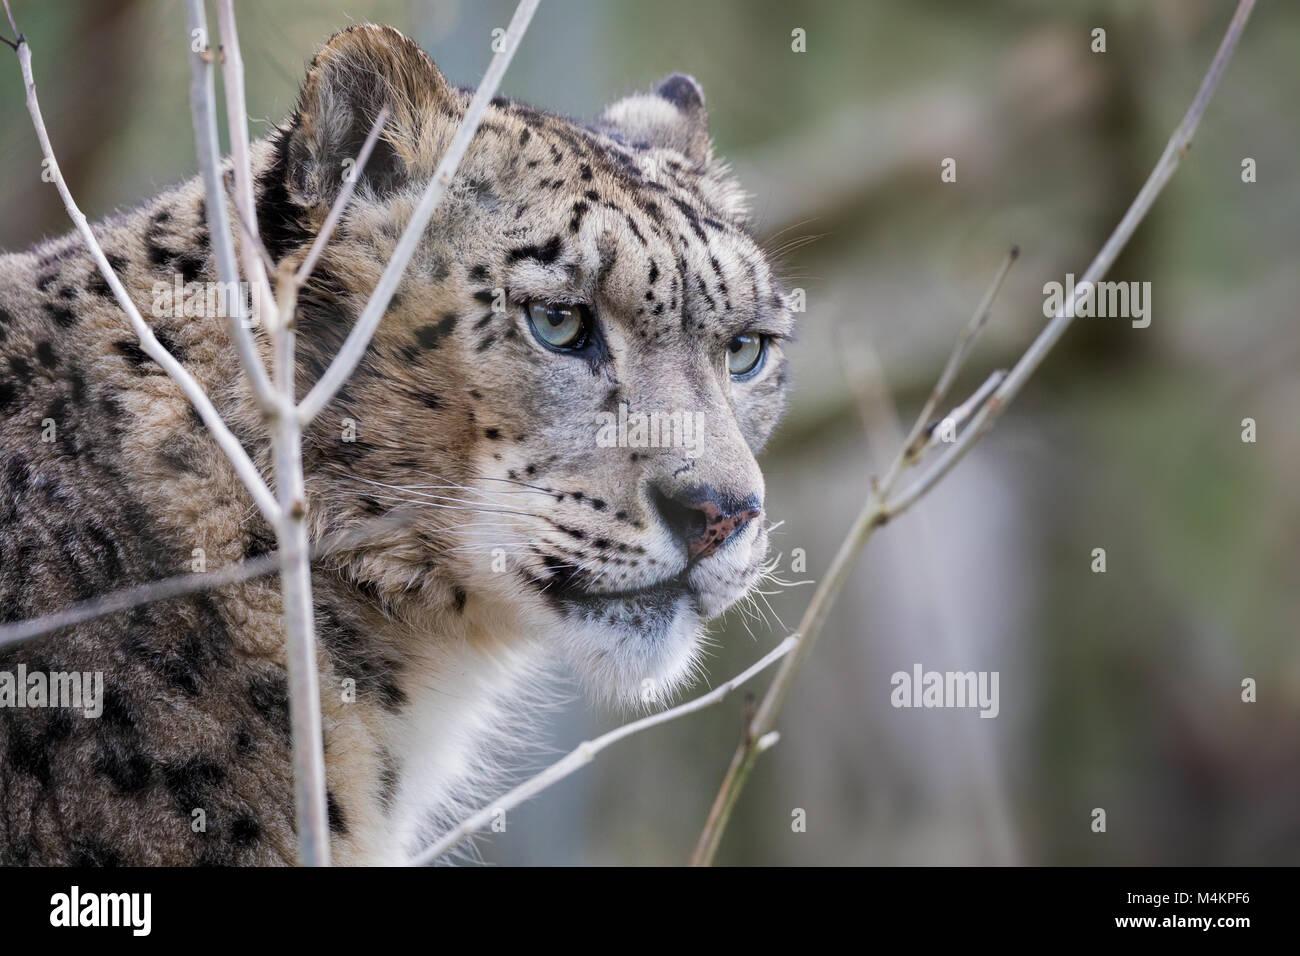 Wachsam und aufmerksam nach snow leopard Portrait mit Platz für Text Stockbild